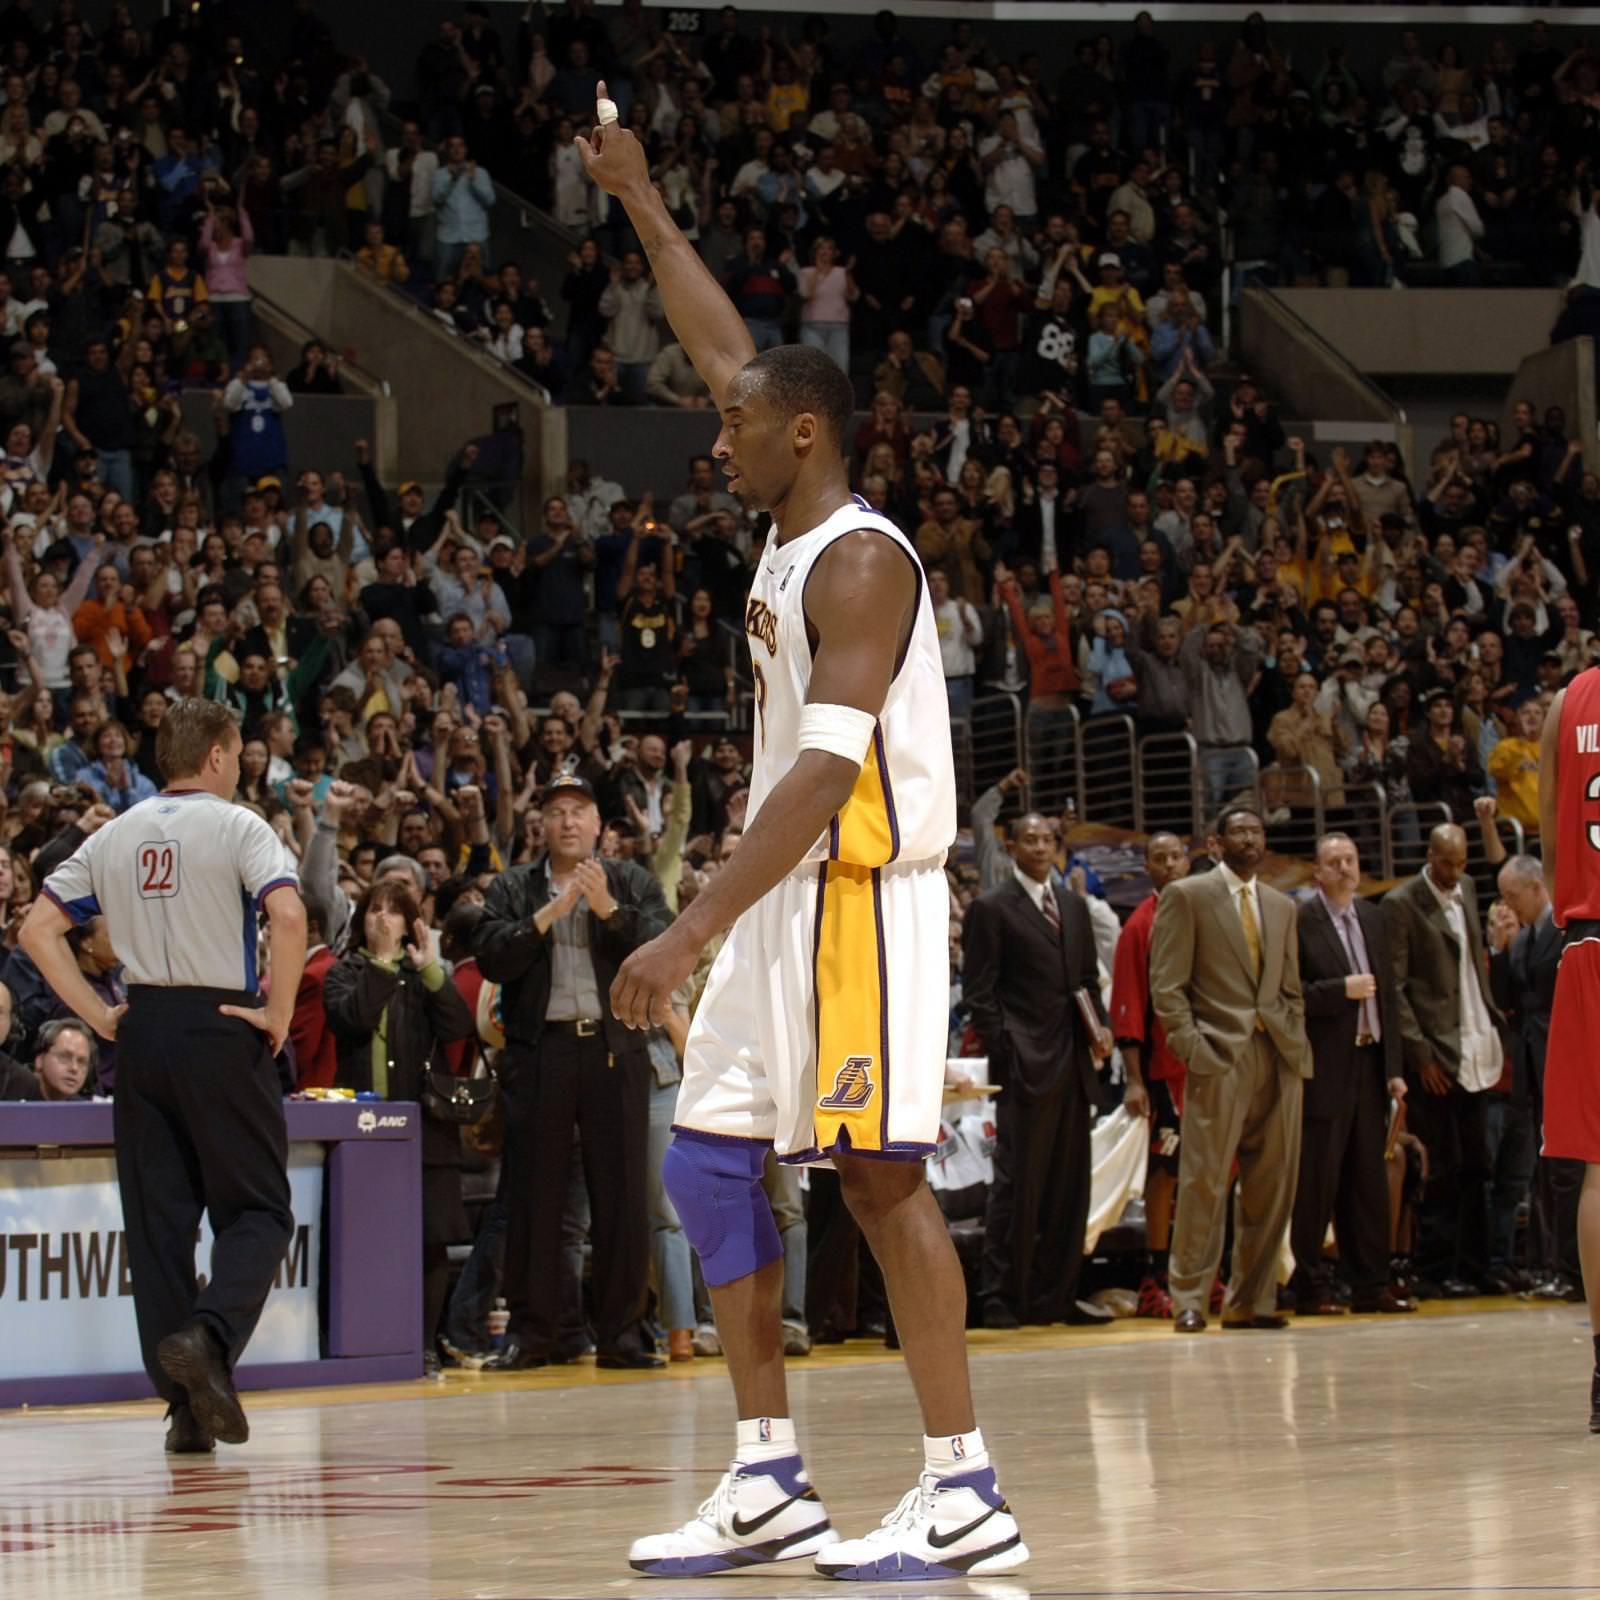 Kobe's 81 Points Game